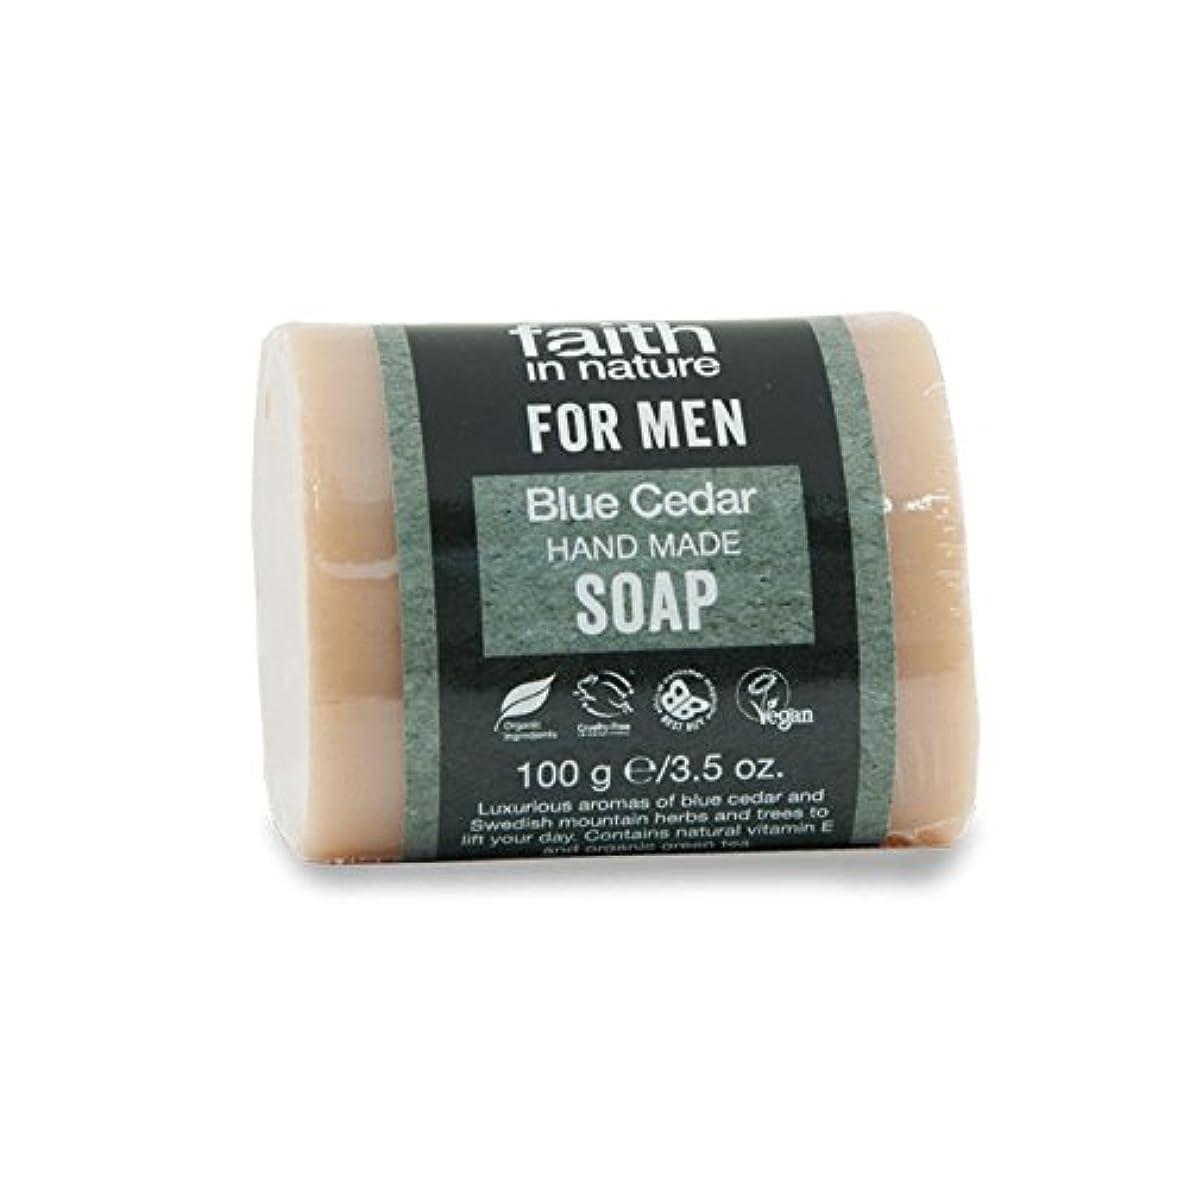 エイリアン寄託始まりFaith in Nature for Men Blue Cedar Soap 100g (Pack of 2) - 男性青杉の石鹸100グラムのための自然の中で信仰 (x2) [並行輸入品]